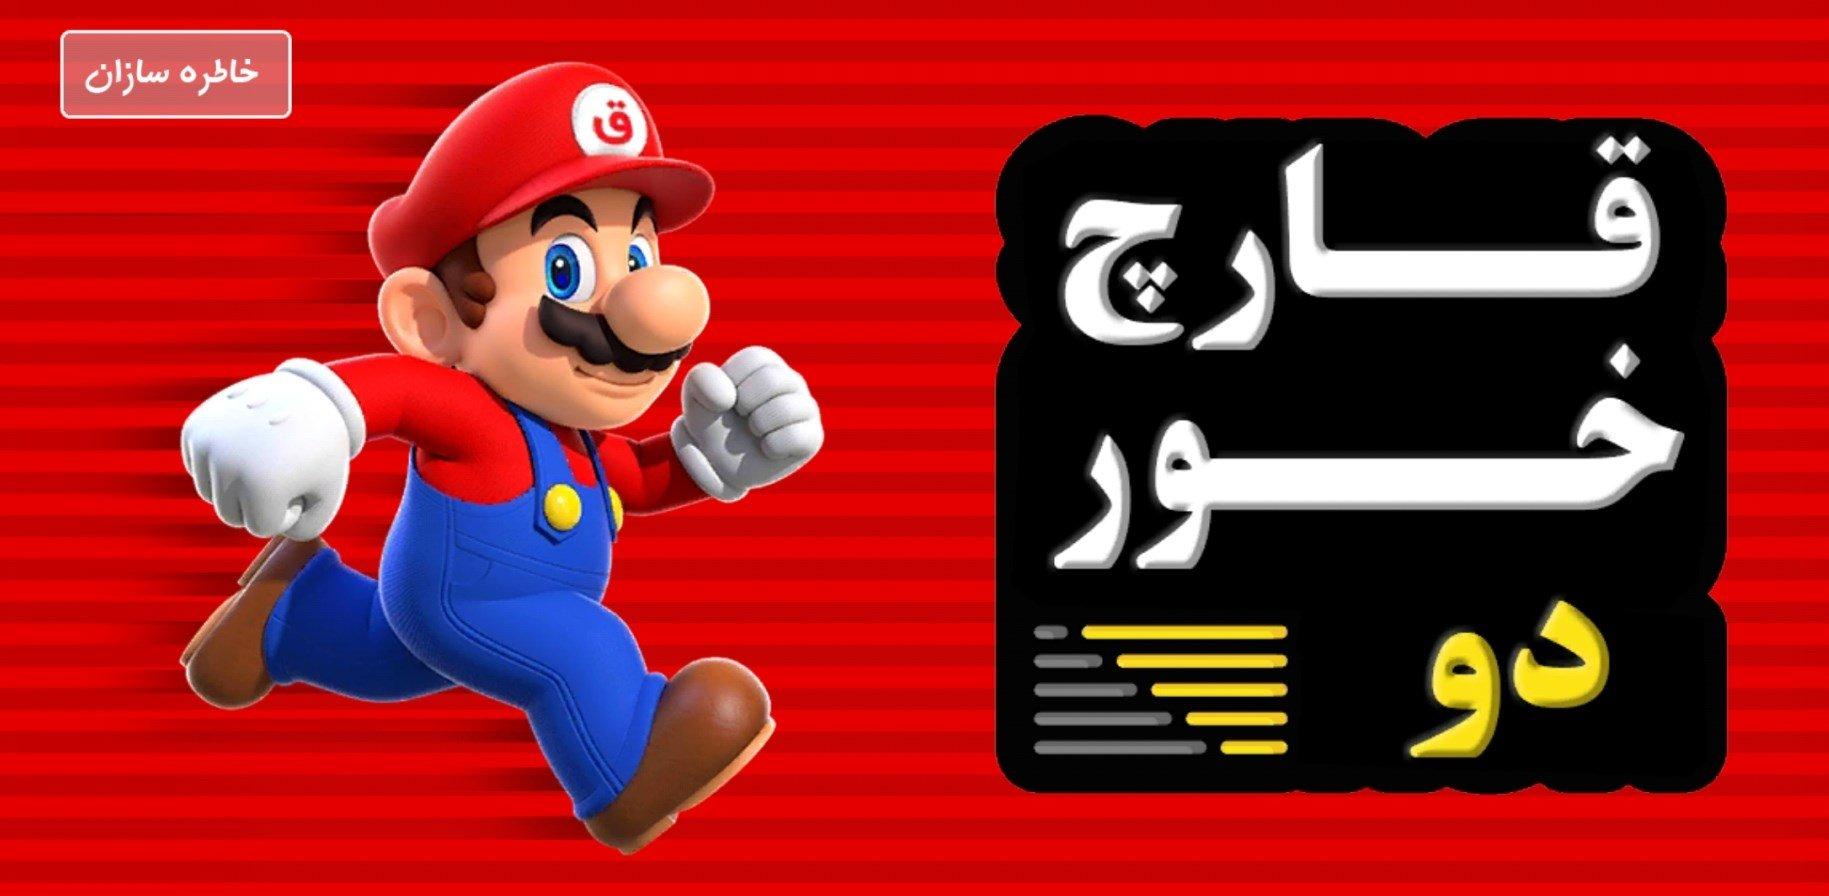 Super Mario 2 HD 1.0 - Descargar para Android APK Gratis